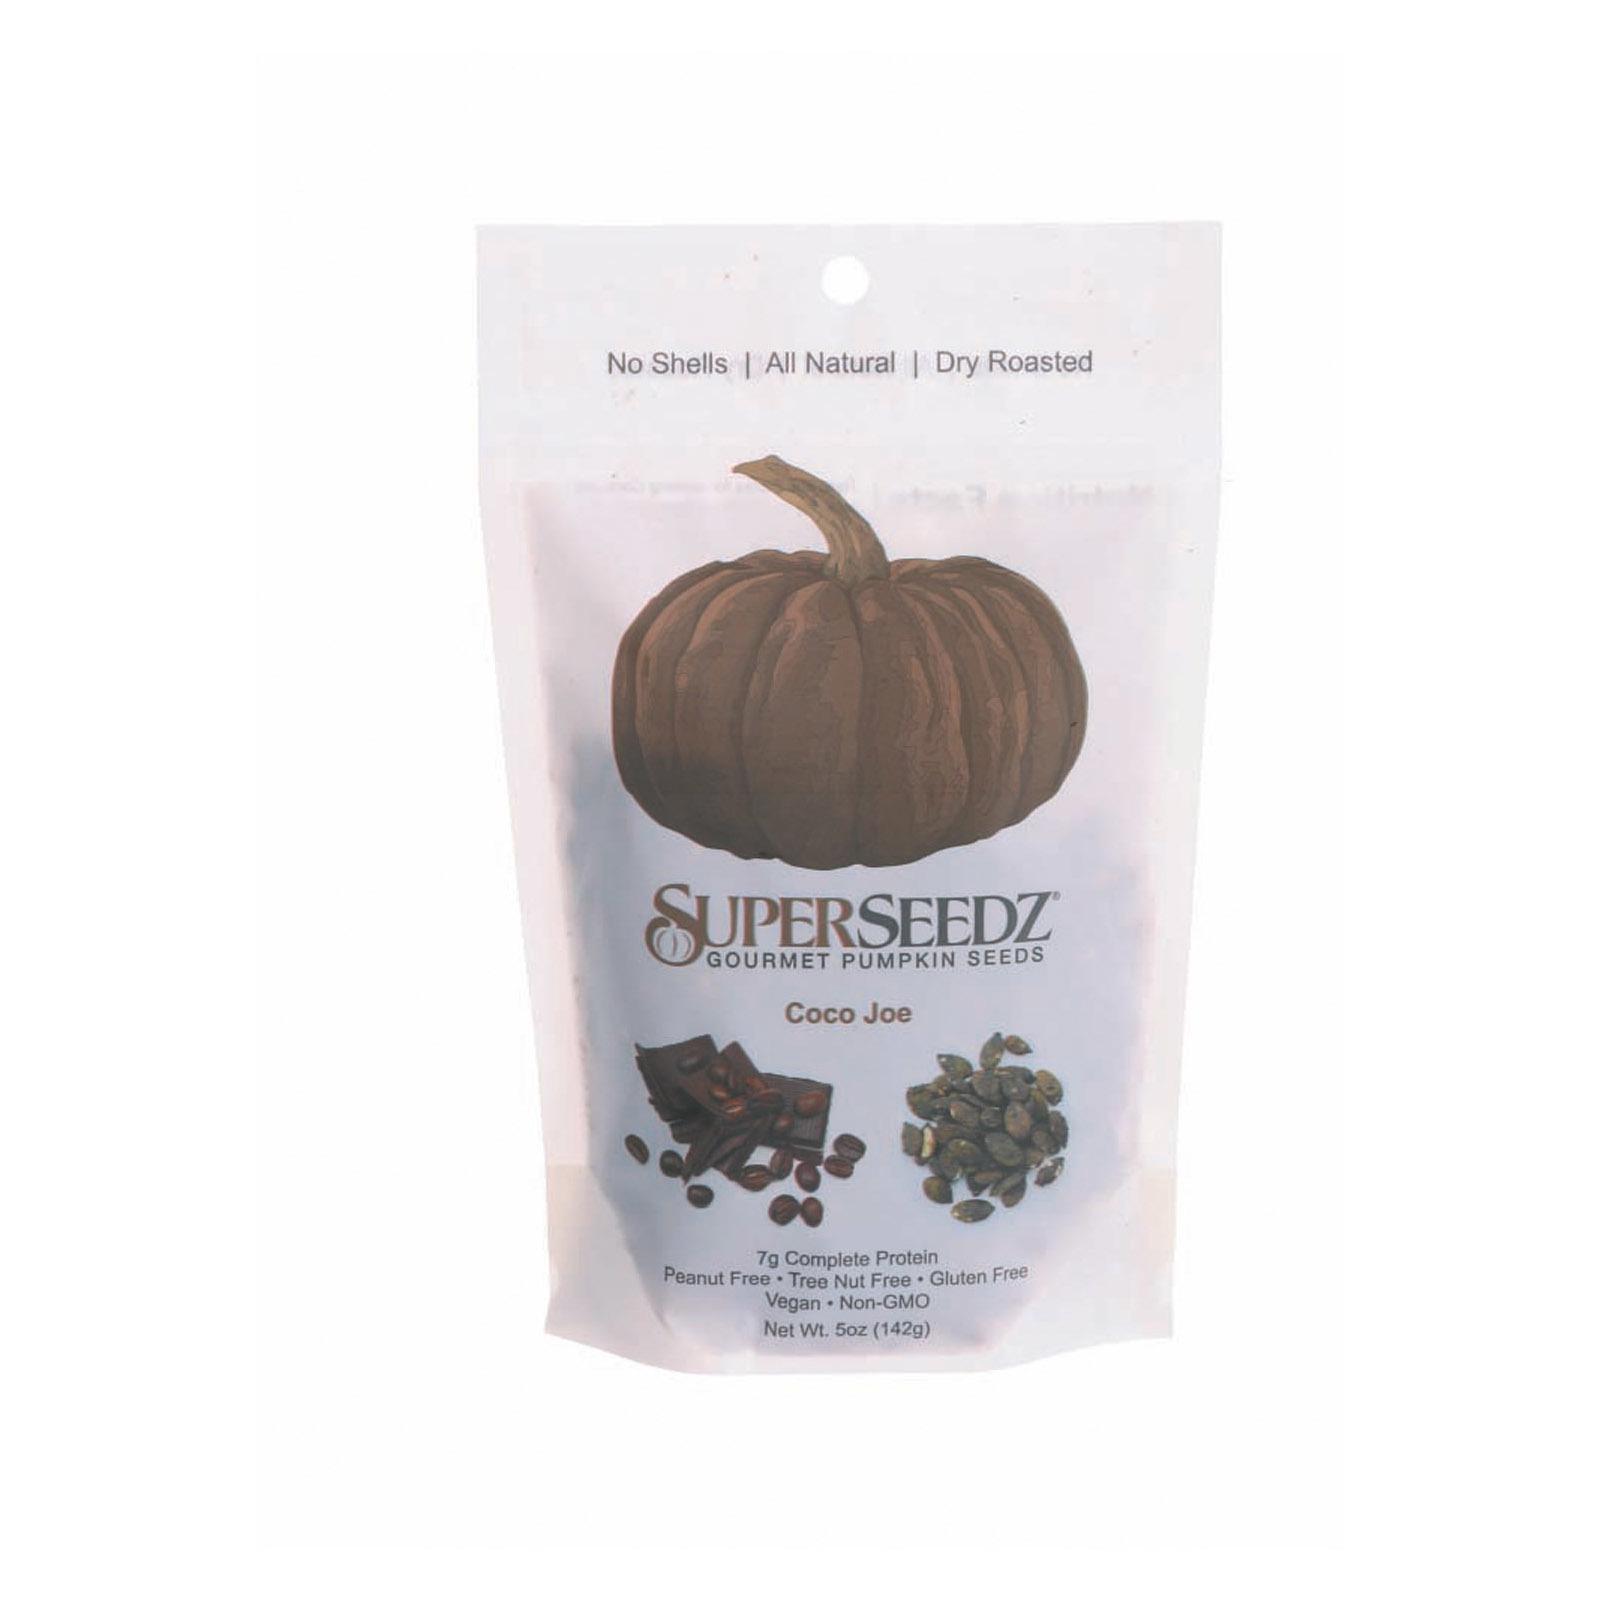 Superseedz Gourmet Pumpkin Seeds - Coco Joe - Case of 6 - 5 oz.